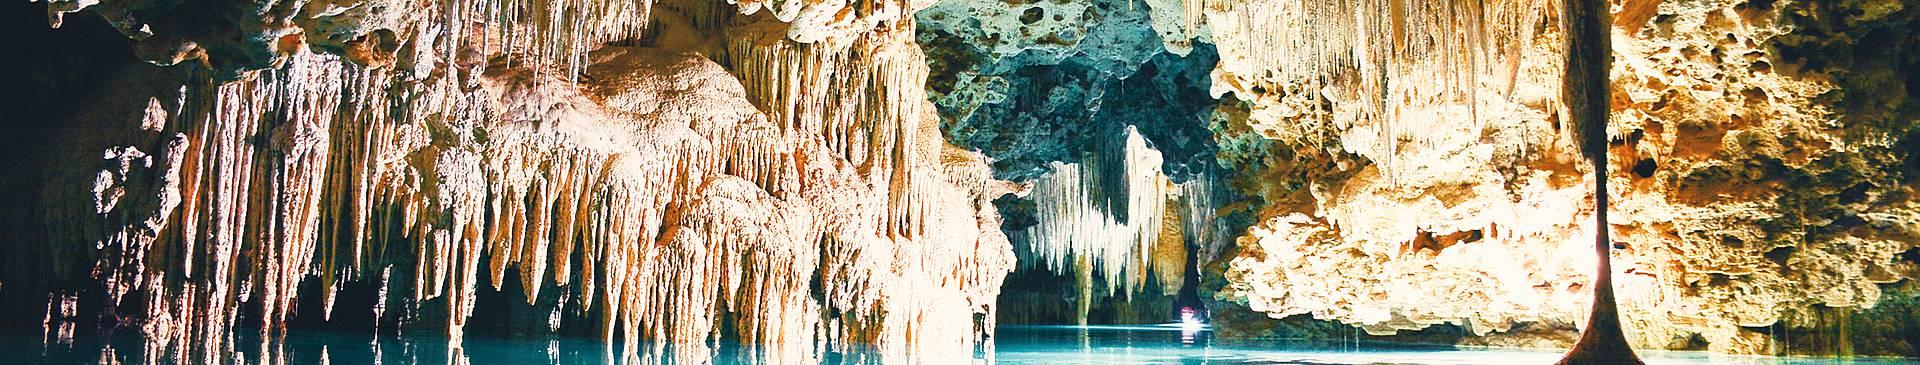 Viaggi in Belize in inverno